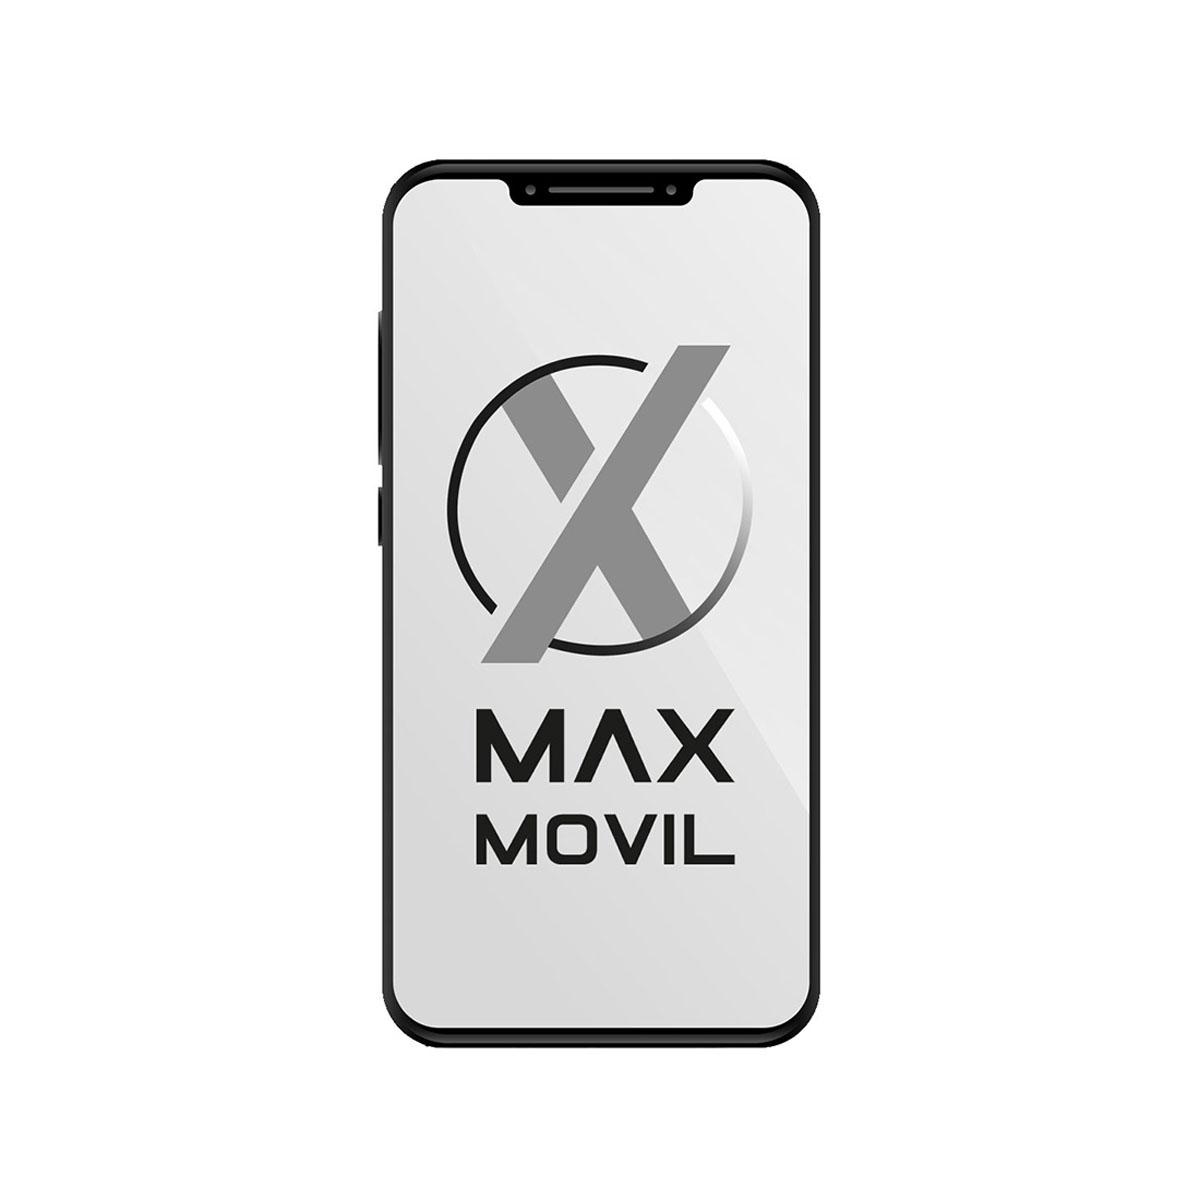 Apple Adaptador de corriente USB 12W MD836ZM/A